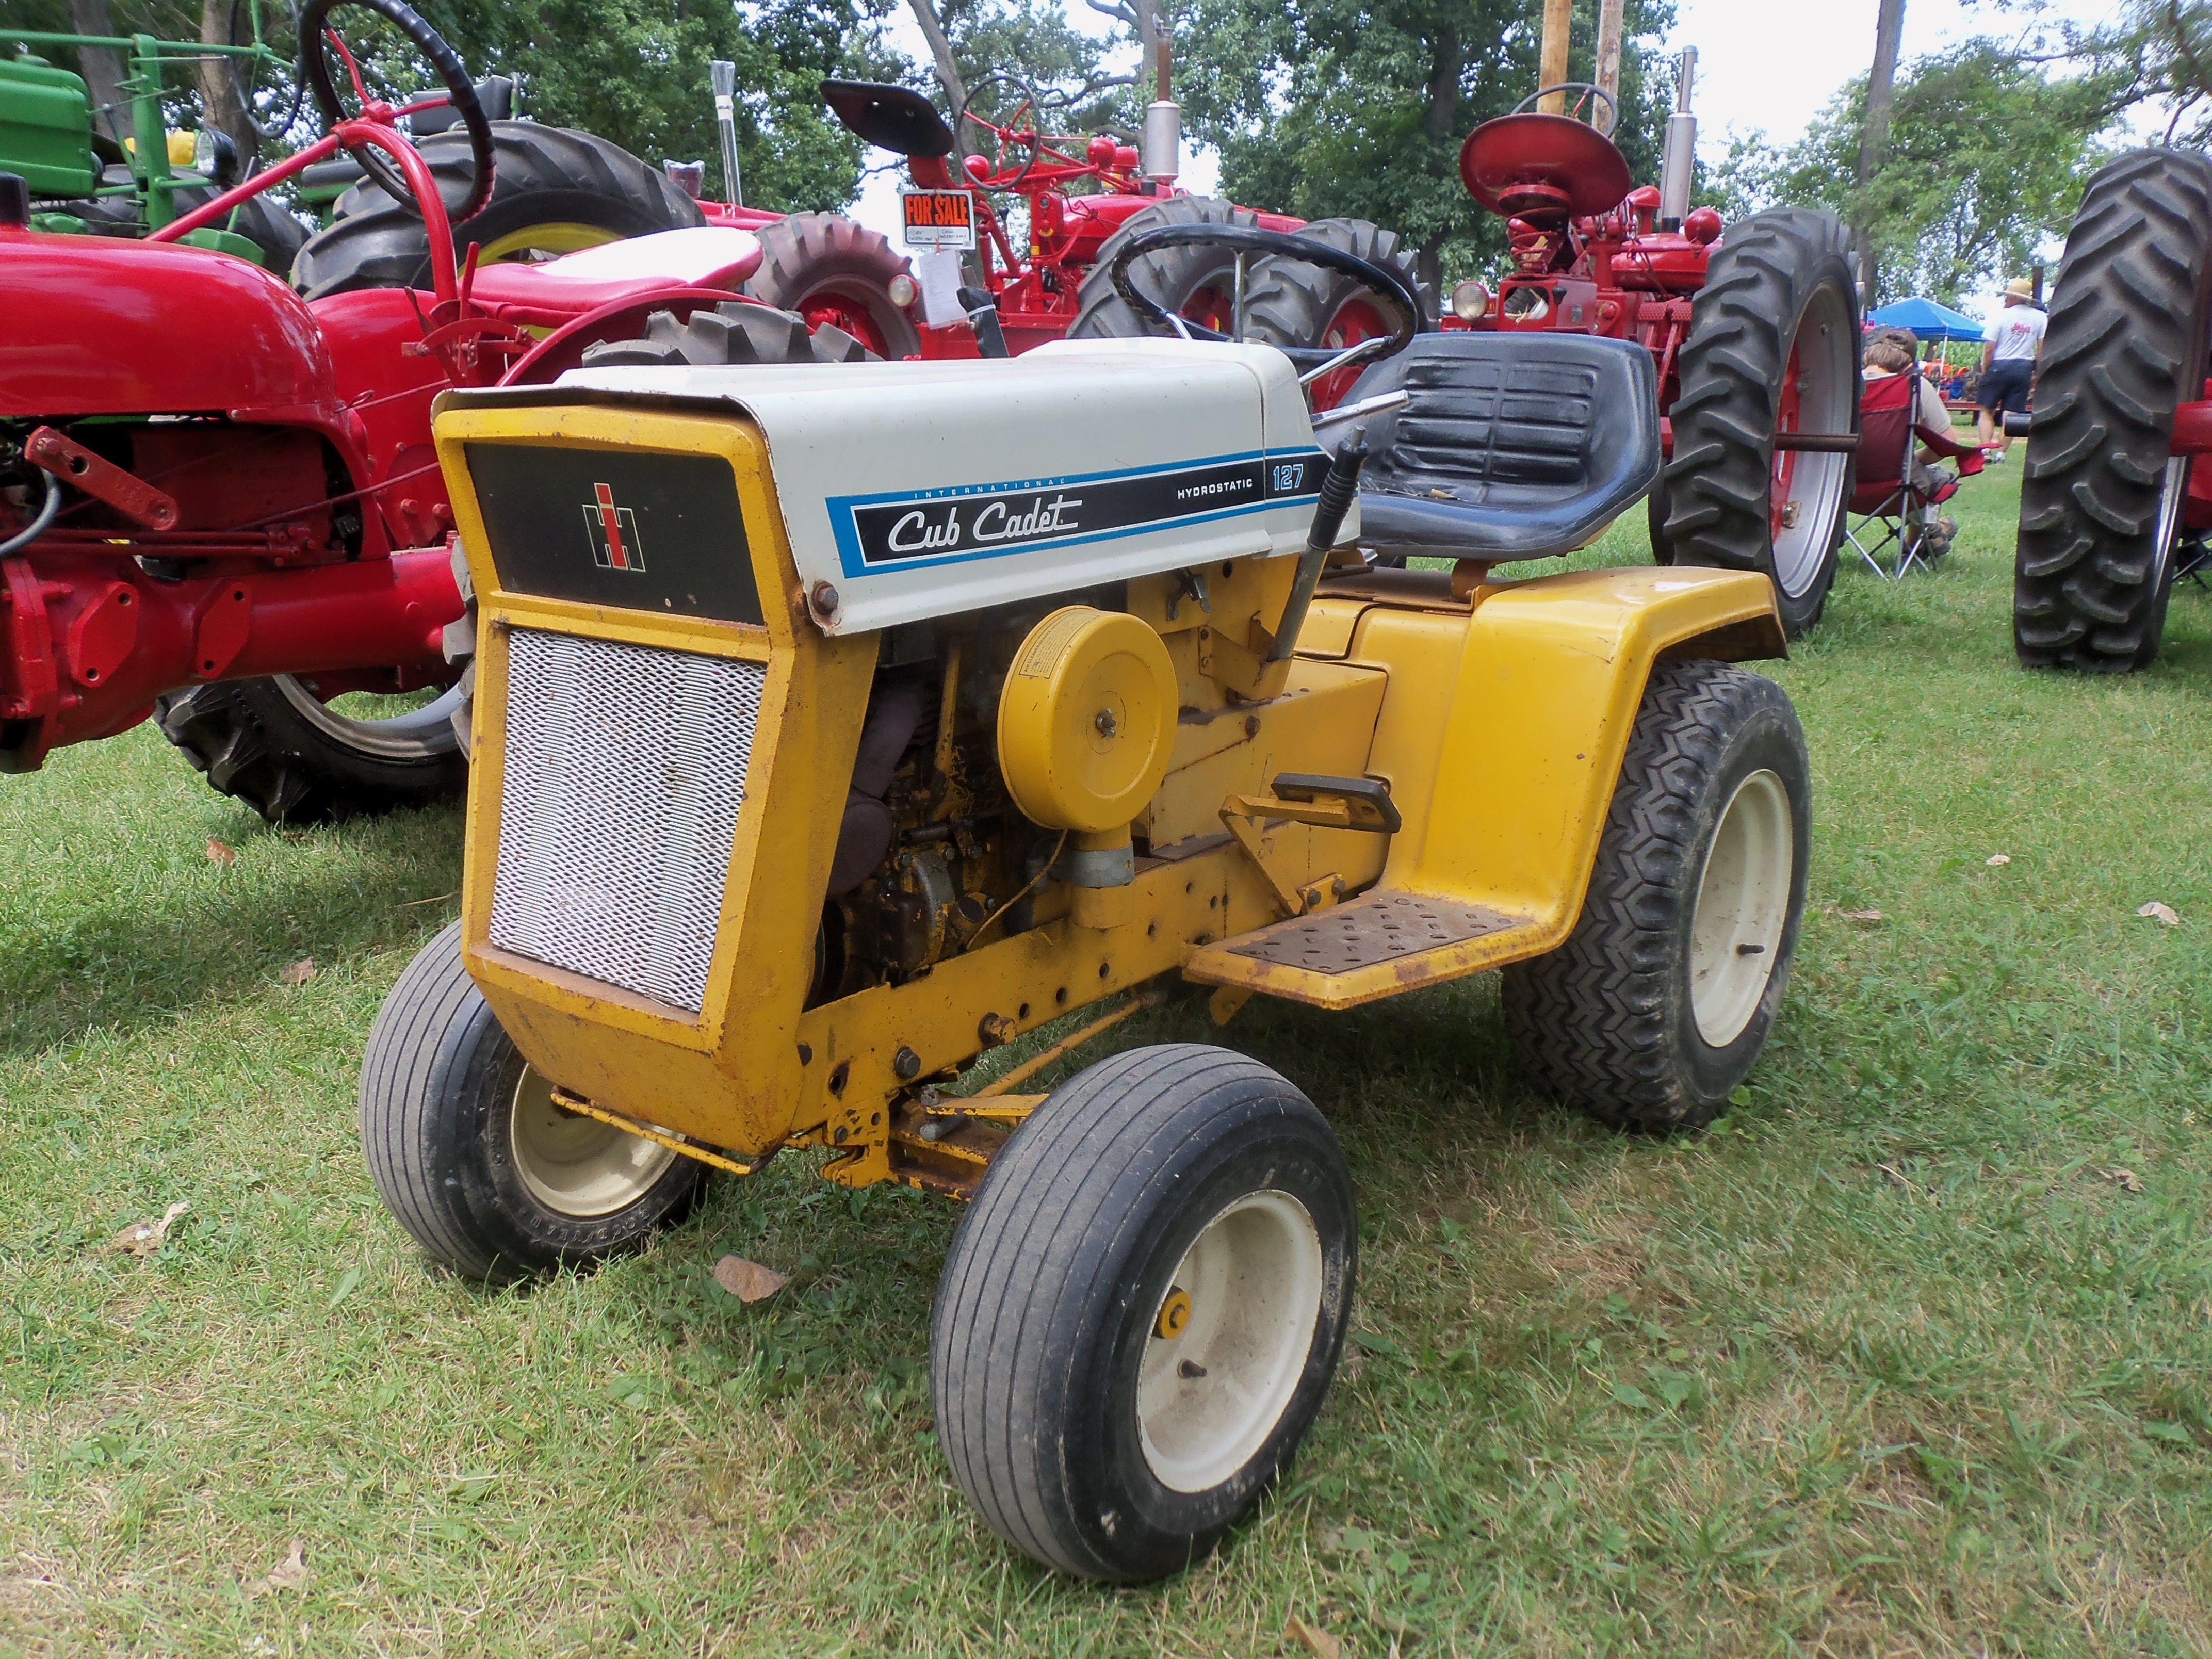 Old International Cub Cadet Lawn Tractor : Cub cadet lawn garden tractor ih farmall